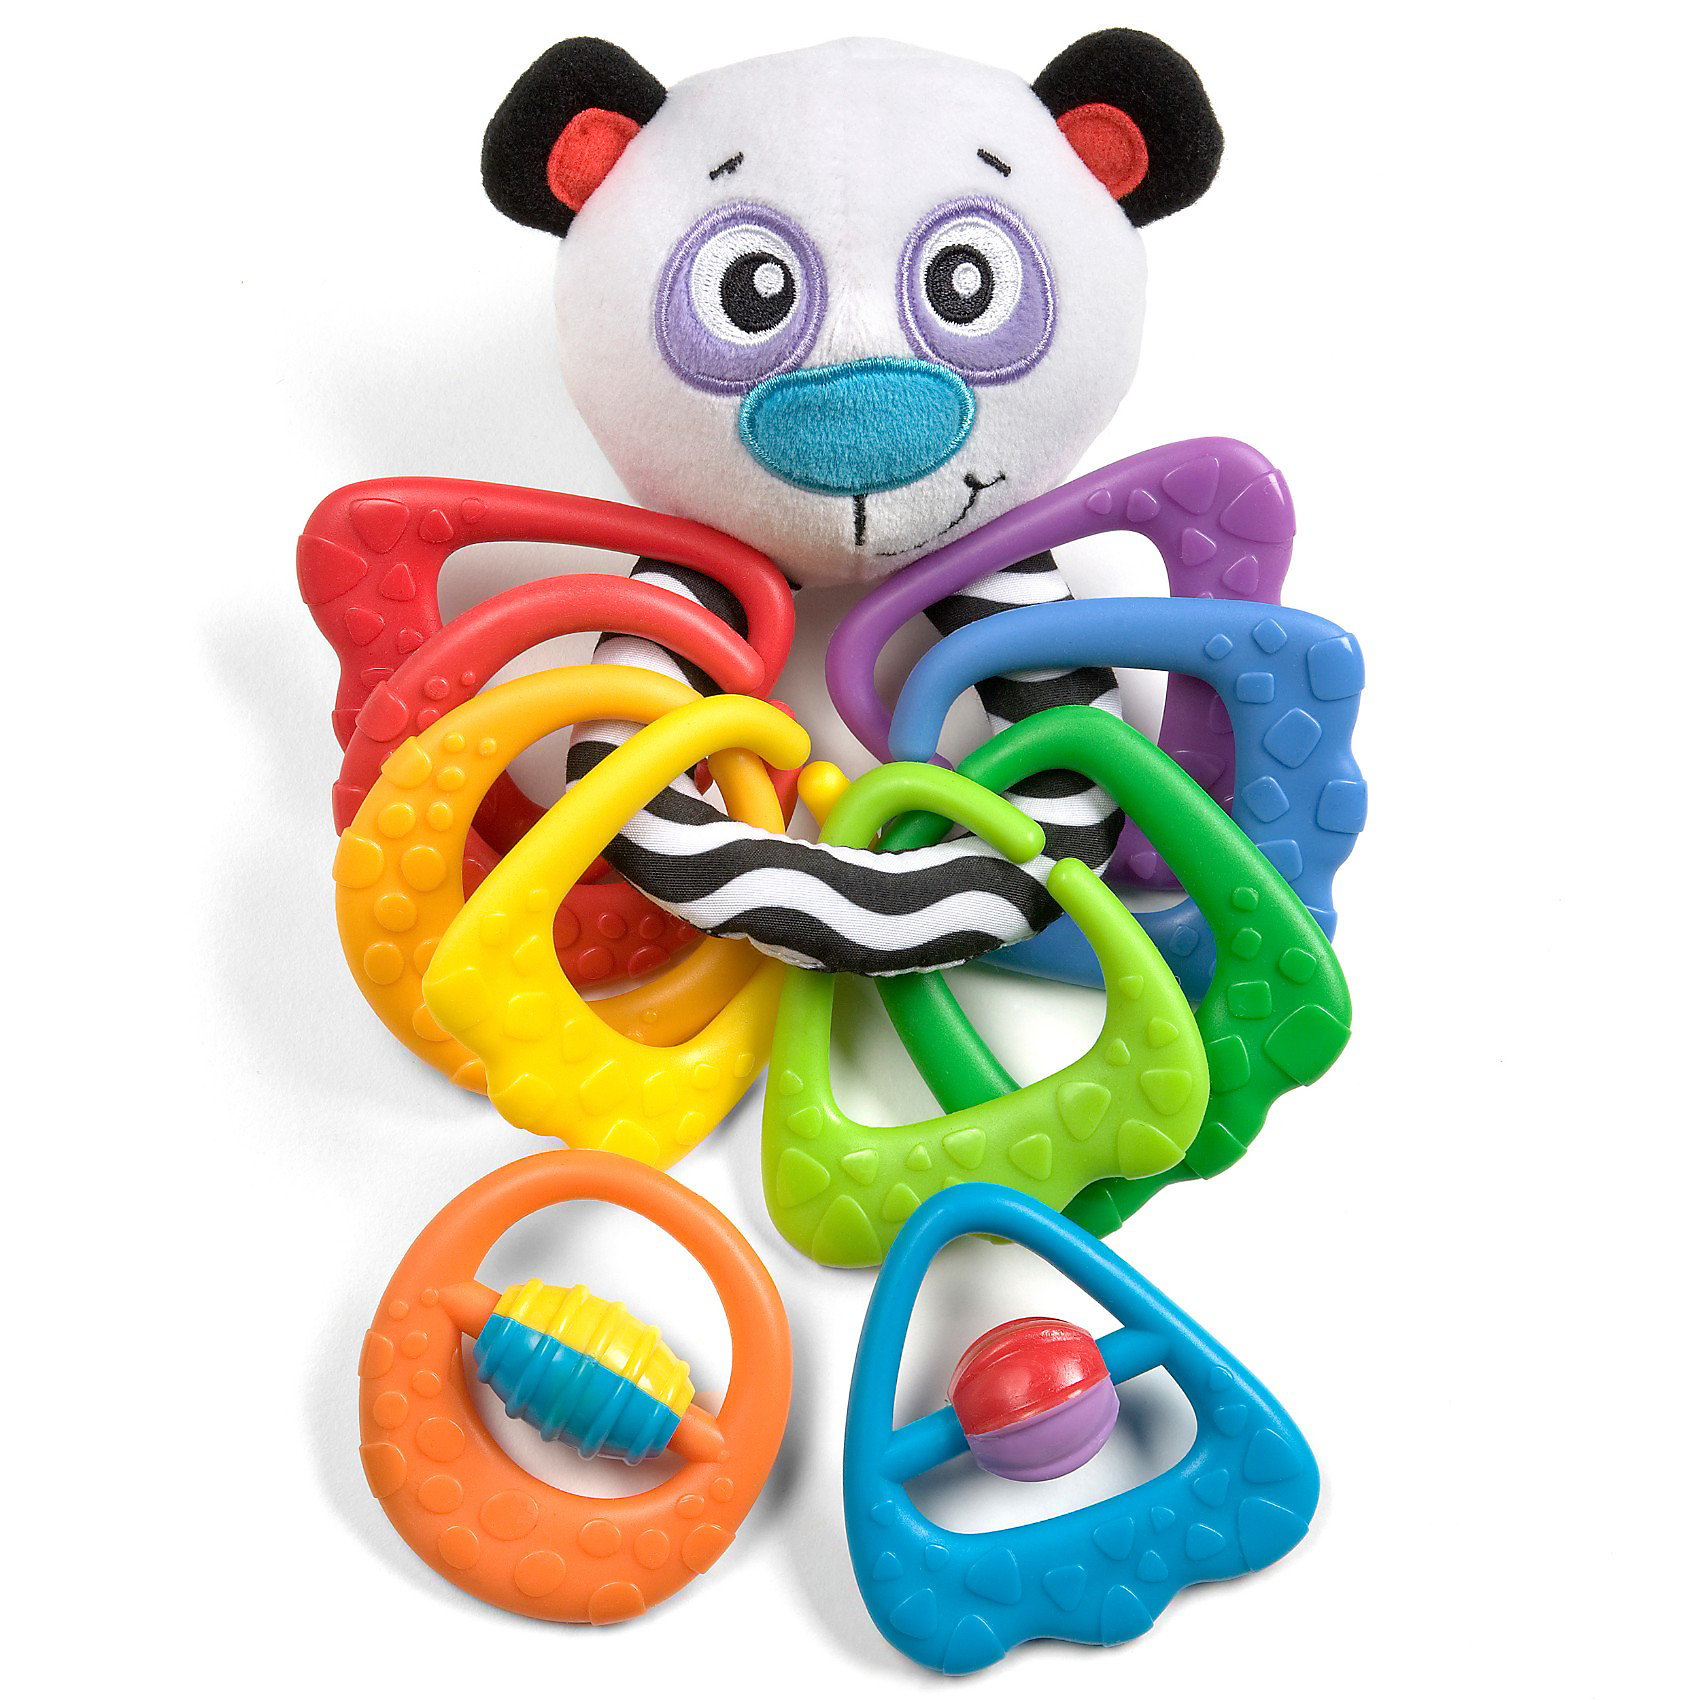 Игрушка-прорезыватель Панда PlaygroИгрушка-прорезыватель Панда Playgro (Плейгро) - яркая и необычная игрушка 2 в 1!<br><br>Перед вами целый игровой набор, который сочетает в себе элементы из разных материалов:<br><br>Панда выполнена из текстильных материалов различной фактуры. В голове симпатичной пандочки находится погремушка. А Вашему малышу будет удобно держать ее за специальное полосатое колечко, прикрепленное к голове.<br><br>10 разноцветных рельефных колечек-прорезывателей прикреплены к игрушке. Восемь незамкнутых колечек можно отсоединять и крепить друг к другу в любой последовательности. А два замкнутых колечка-прорезывателя имеют вращающиеся элементы в центре.<br><br>Игрушка способствует развитию моторики, координации, тактильных ощущений.<br><br>Игрушку-прорезыватель Панда Playgro можно купить в нашем интернет-магазине.<br><br>Ширина мм: 190<br>Глубина мм: 80<br>Высота мм: 288<br>Вес г: 400<br>Возраст от месяцев: 0<br>Возраст до месяцев: 36<br>Пол: Унисекс<br>Возраст: Детский<br>SKU: 2487982